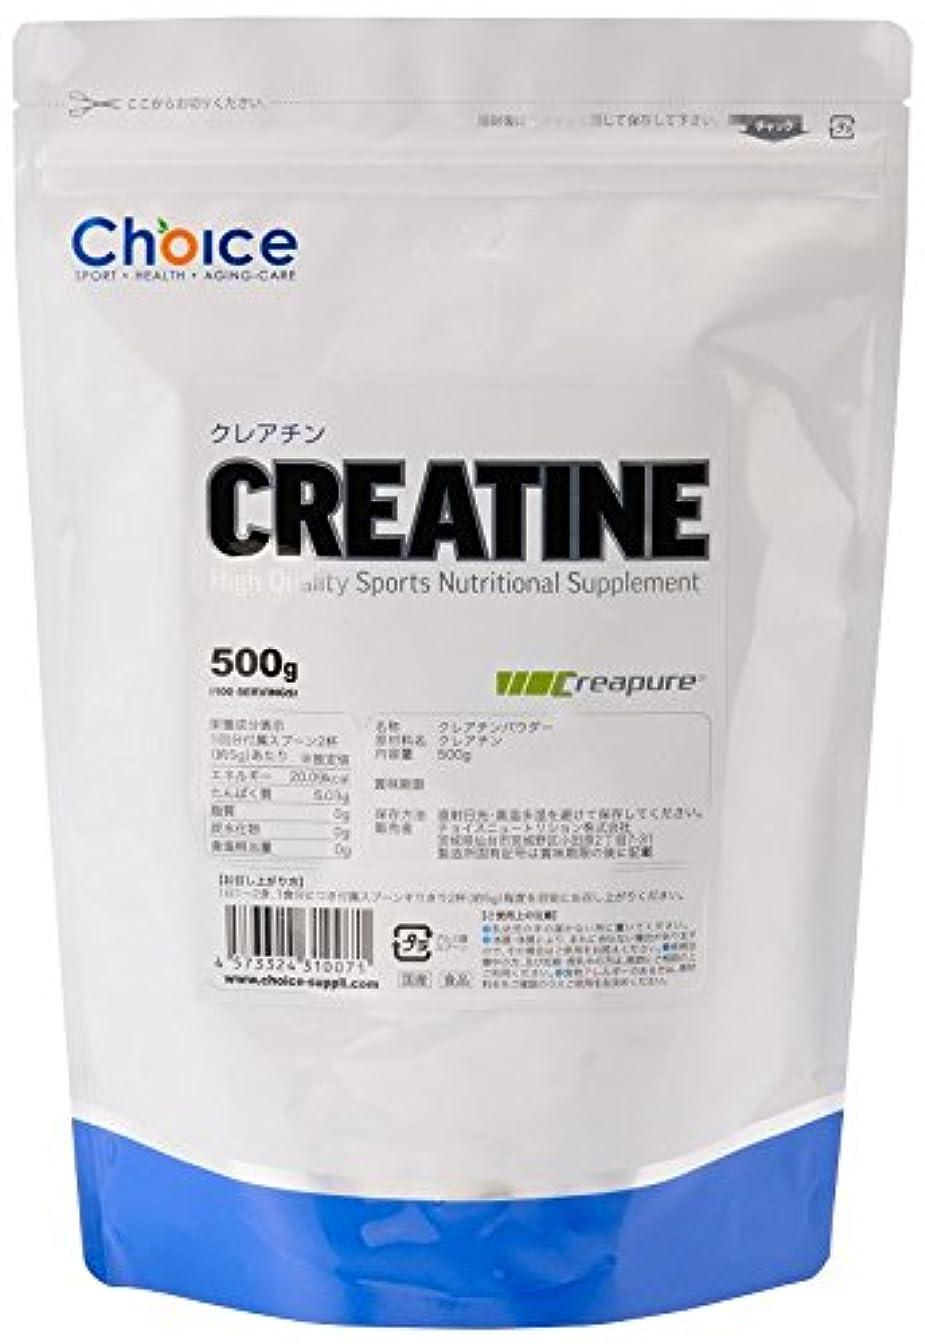 改善する記念品立派なCREATINE (クレアチン) 500g